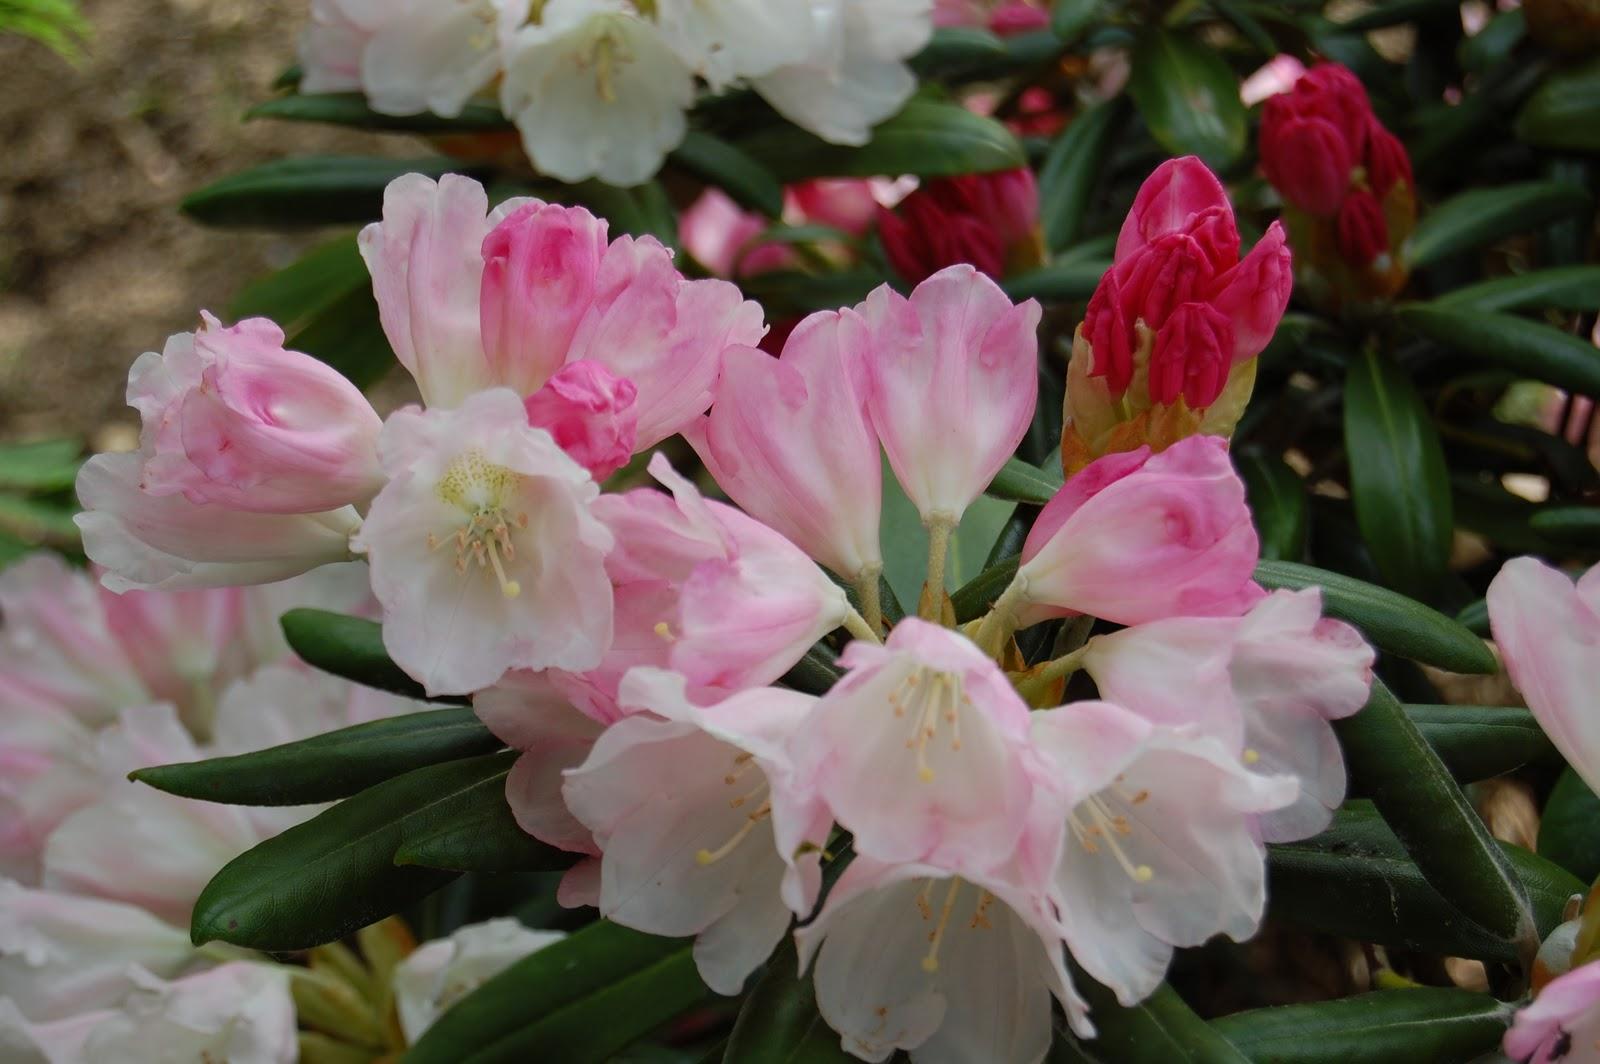 Arboretum adeline au fil des saisons - Rhododendron ne fleurit pas ...